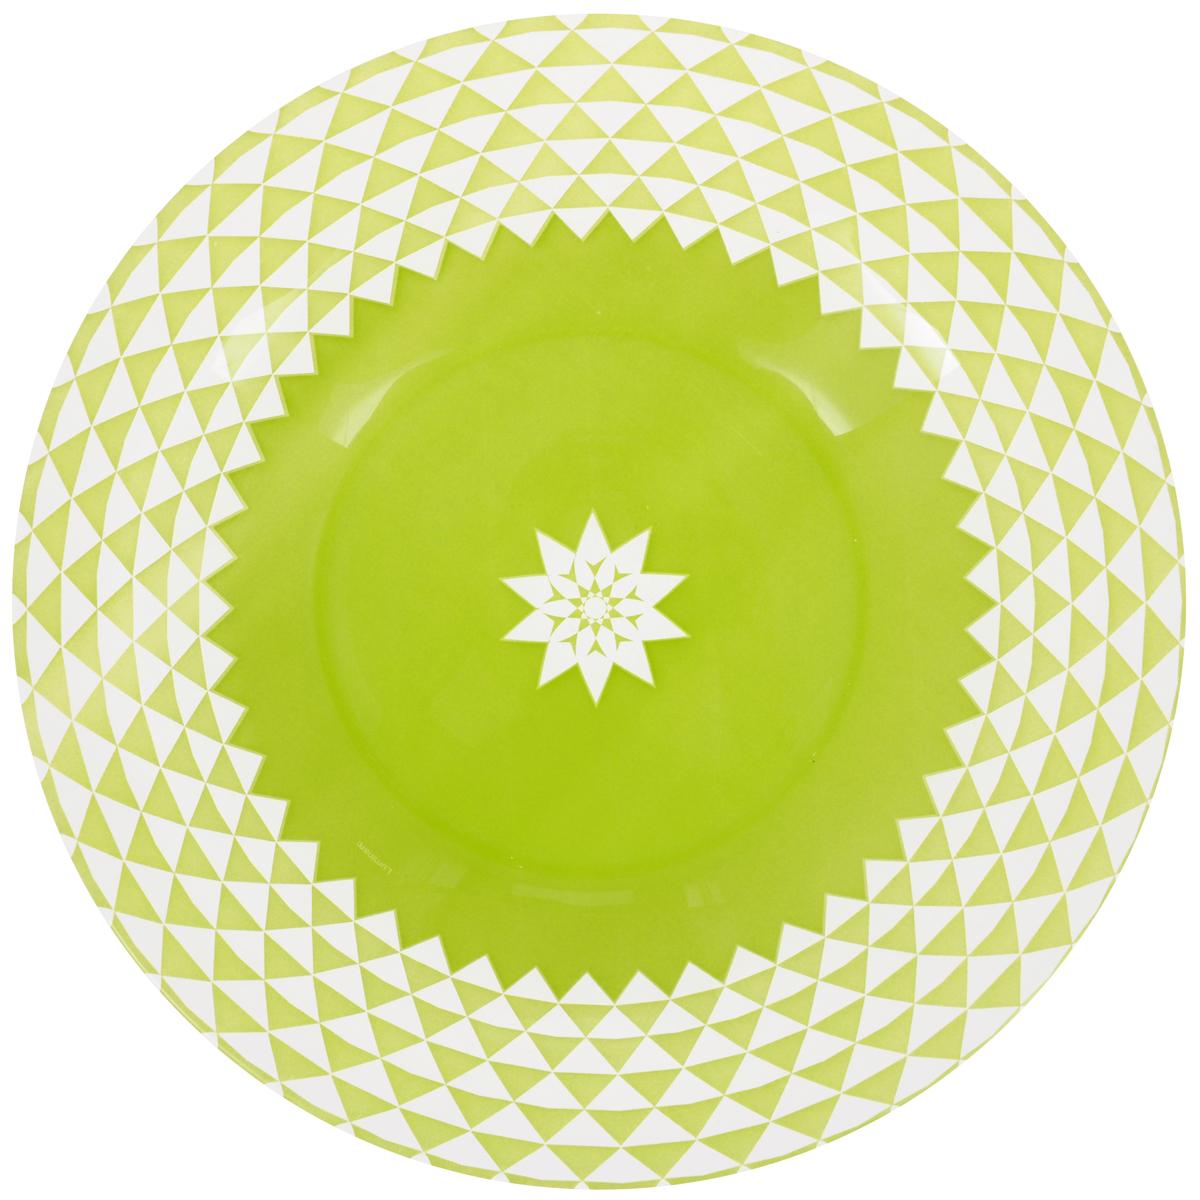 Тарелка глубокая Luminarc Lance, диаметр 21,5 смJ2739Глубокая тарелка Luminarc Lance выполнена из ударопрочного стекла и украшена геометрическим рисунком. Она прекрасно впишется в интерьер вашей кухни и станет достойным дополнением к кухонному инвентарю. Тарелка Luminarc Lance подчеркнет прекрасный вкус хозяйки и станет отличным подарком. Можно мыть в посудомоечной машине и использовать в микроволновой печи. Диаметр тарелки по верхнему краю: 21,5 см. Высота стенки: 3,2 см.